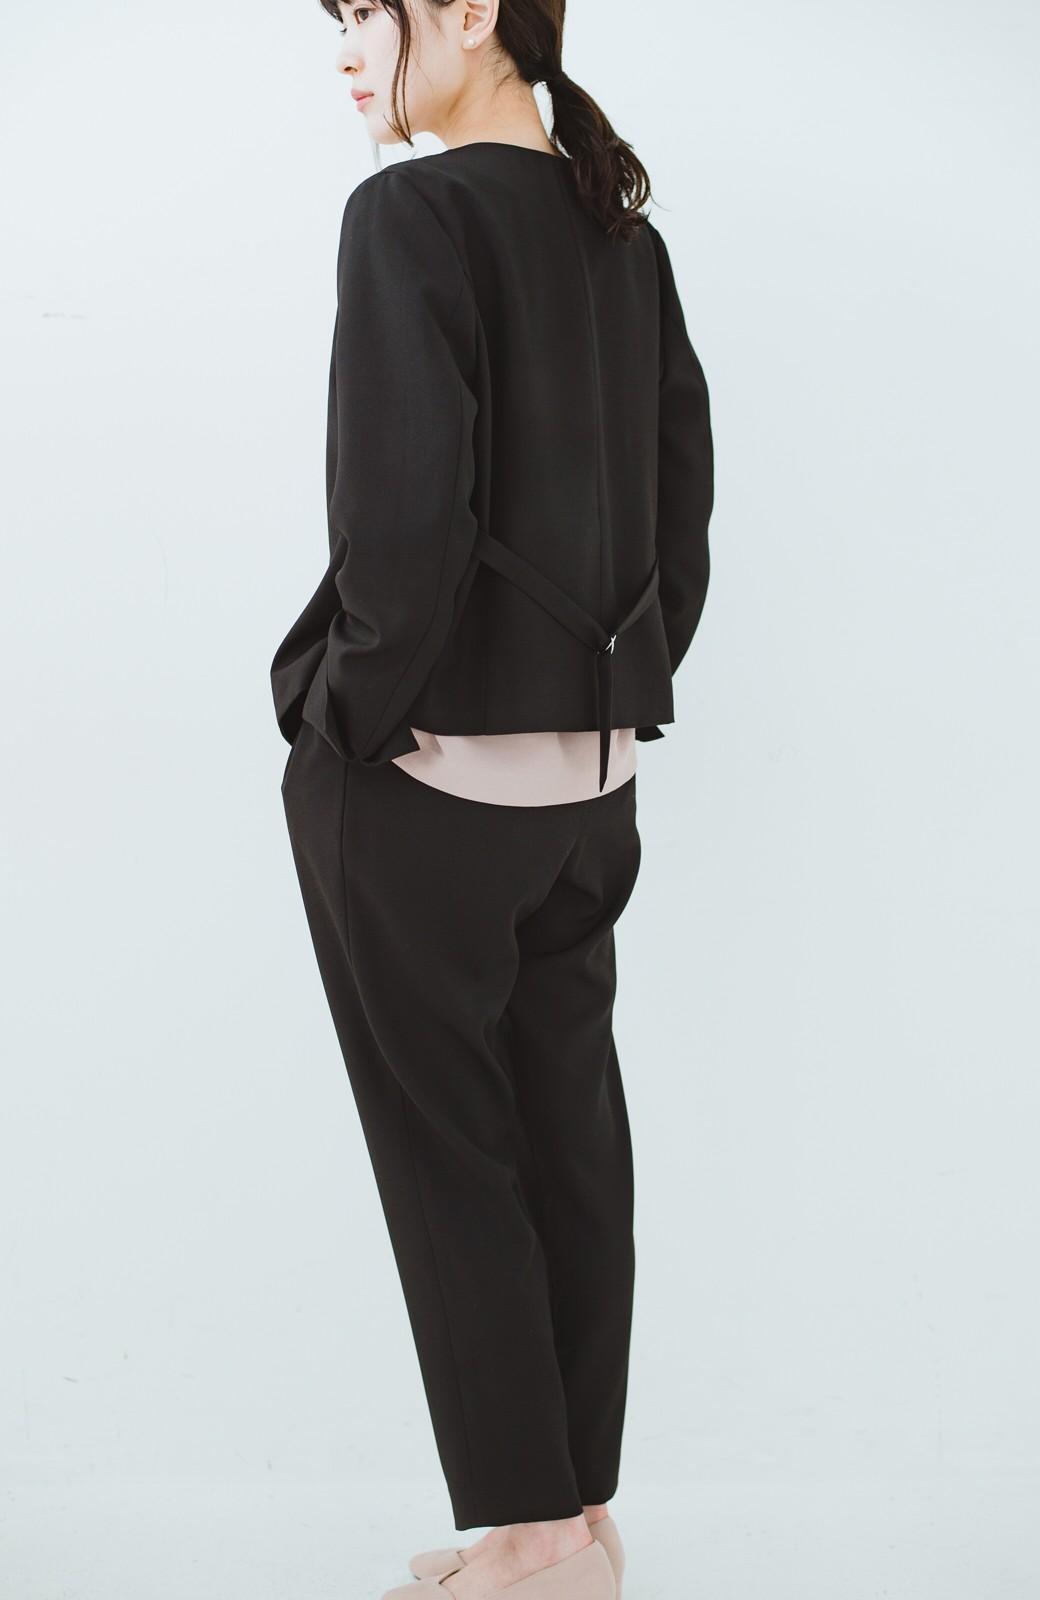 haco! 持っていると便利な野暮ったくならないフォーマルジャケット・パンツ・スカートの3点セット <ブラック>の商品写真14